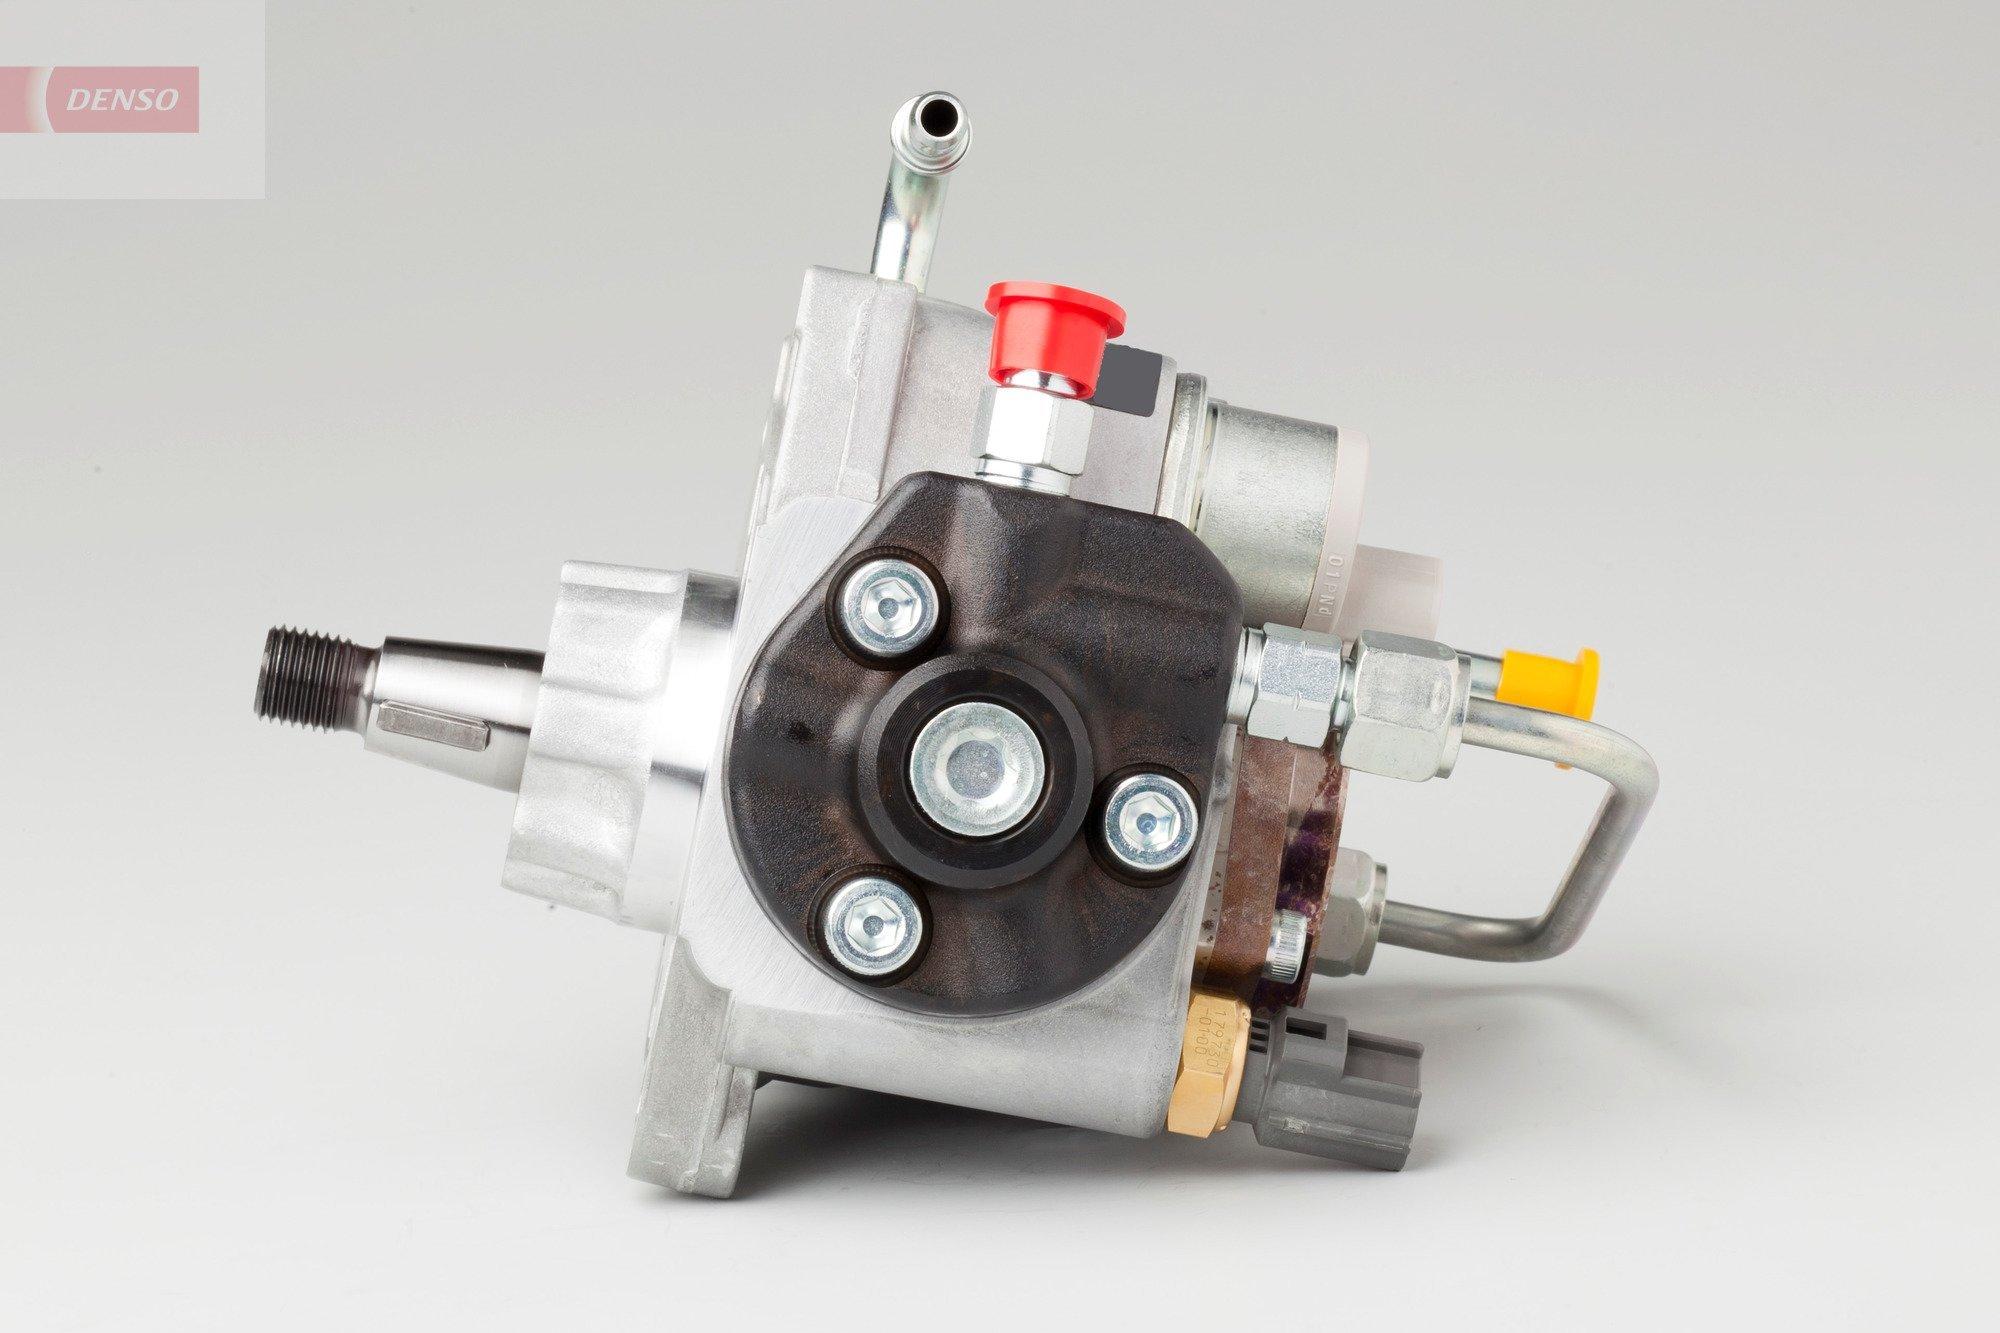 Hochdruckpumpe DENSO DCRP300950 Bild 1